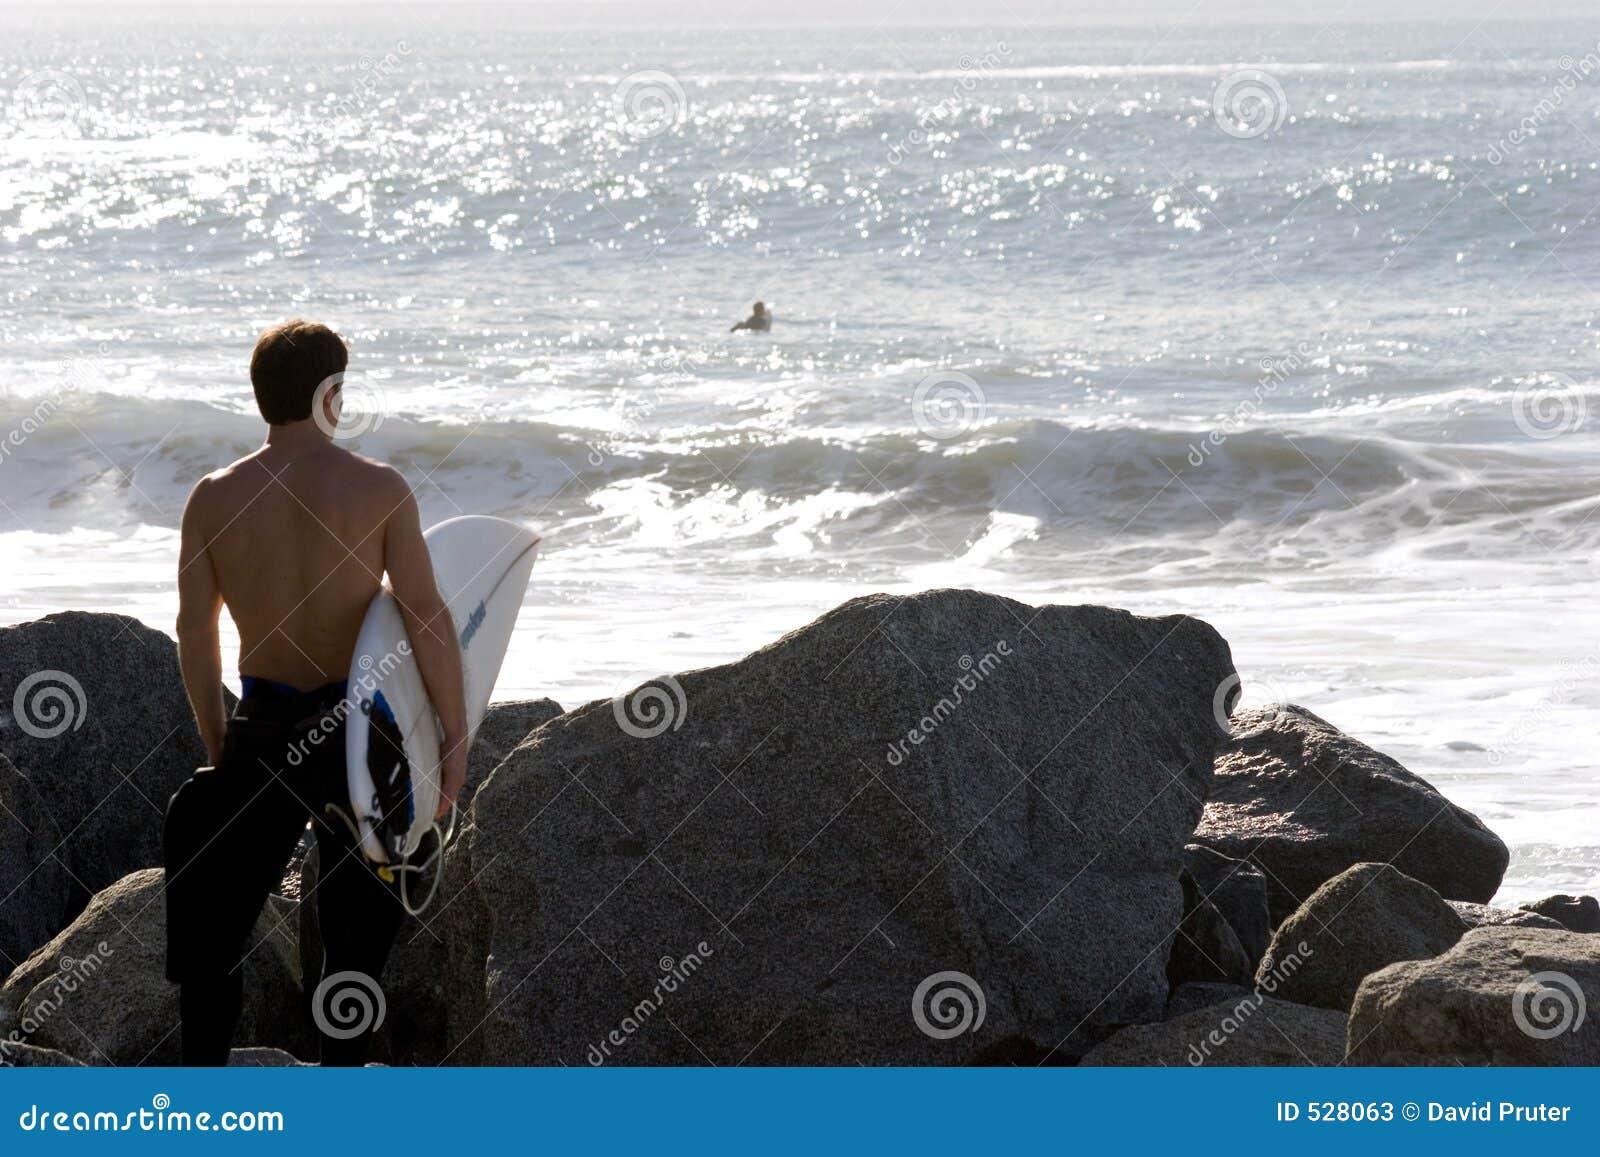 Download 准备好的海浪 库存图片. 图片 包括有 保温潜水服, 预习功课, 海运, 会议室, 冲浪板, 海岸线, 通知 - 528063